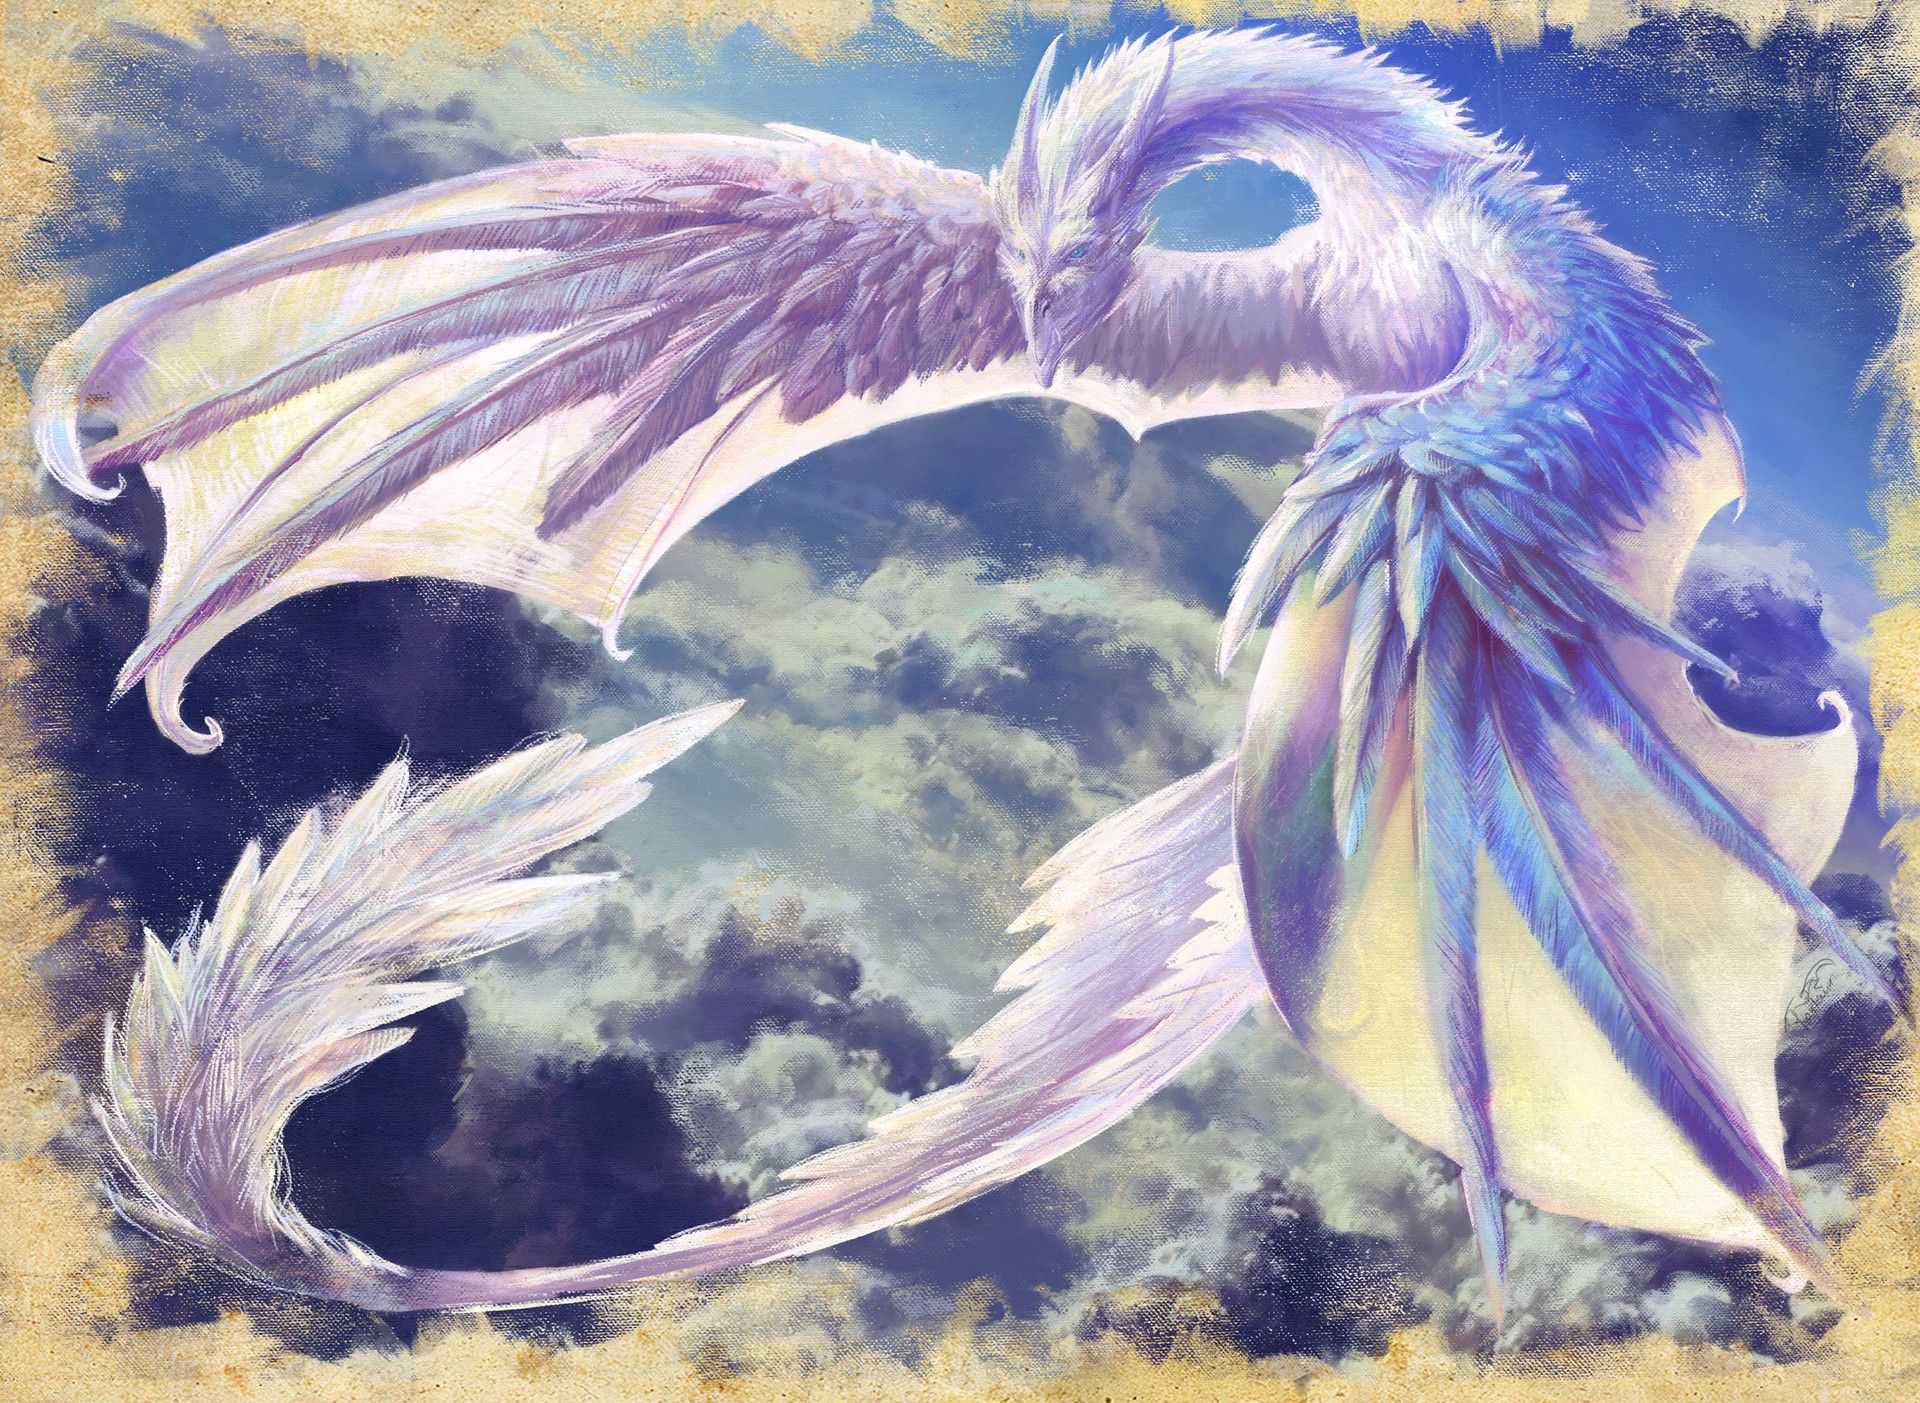 картинки ветреного дракона так